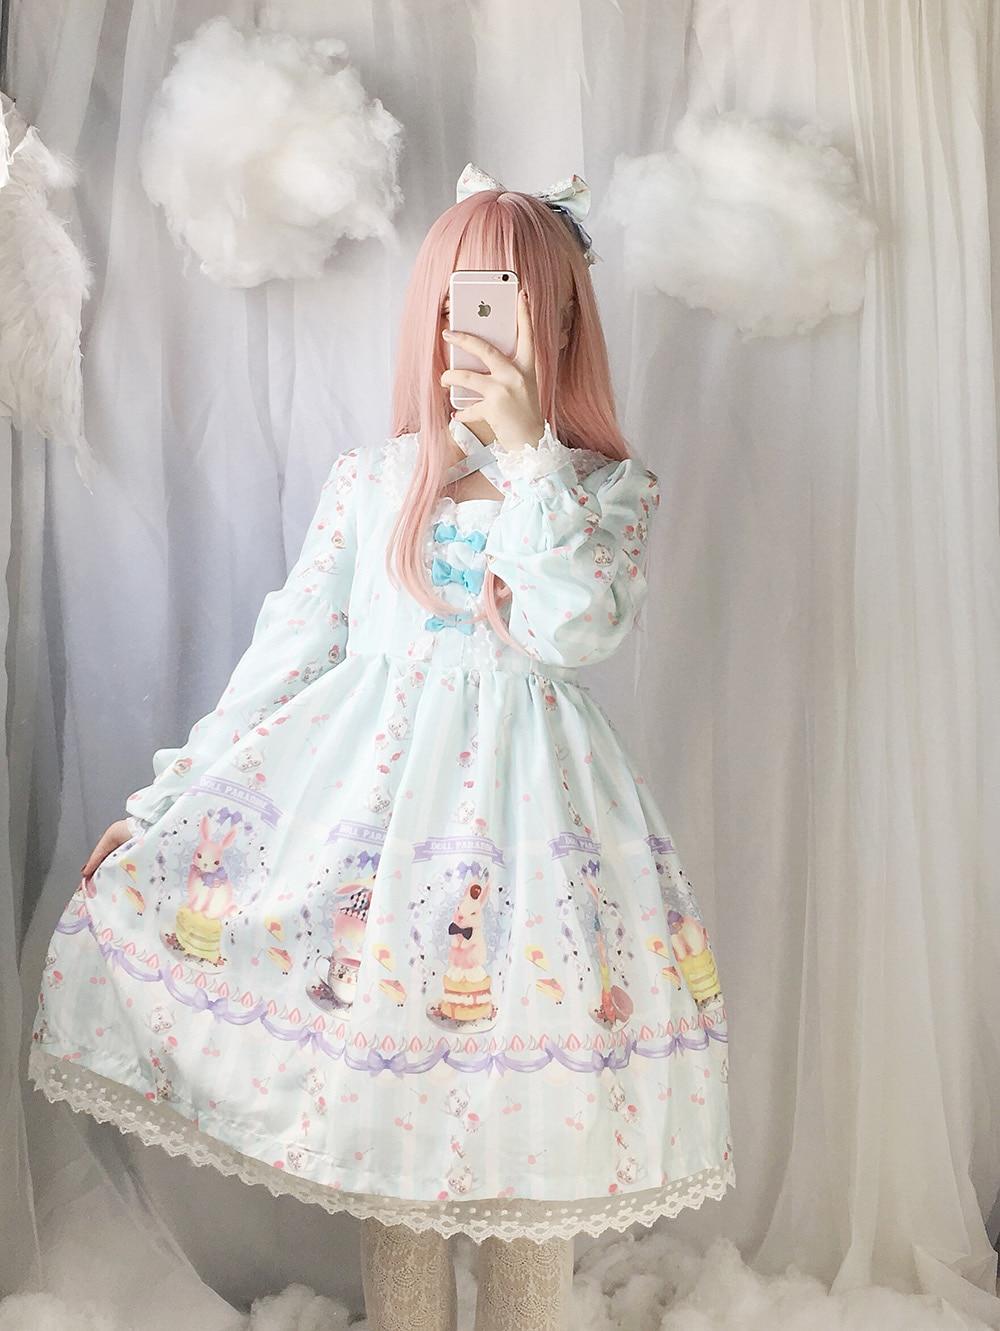 Cute Dessert Rabbit Buny OP Lolita Women Dress Fairy Kei Print Long Sleeve Cross Tie Lace Trim Bows Fancy Dolly Dress 3Color